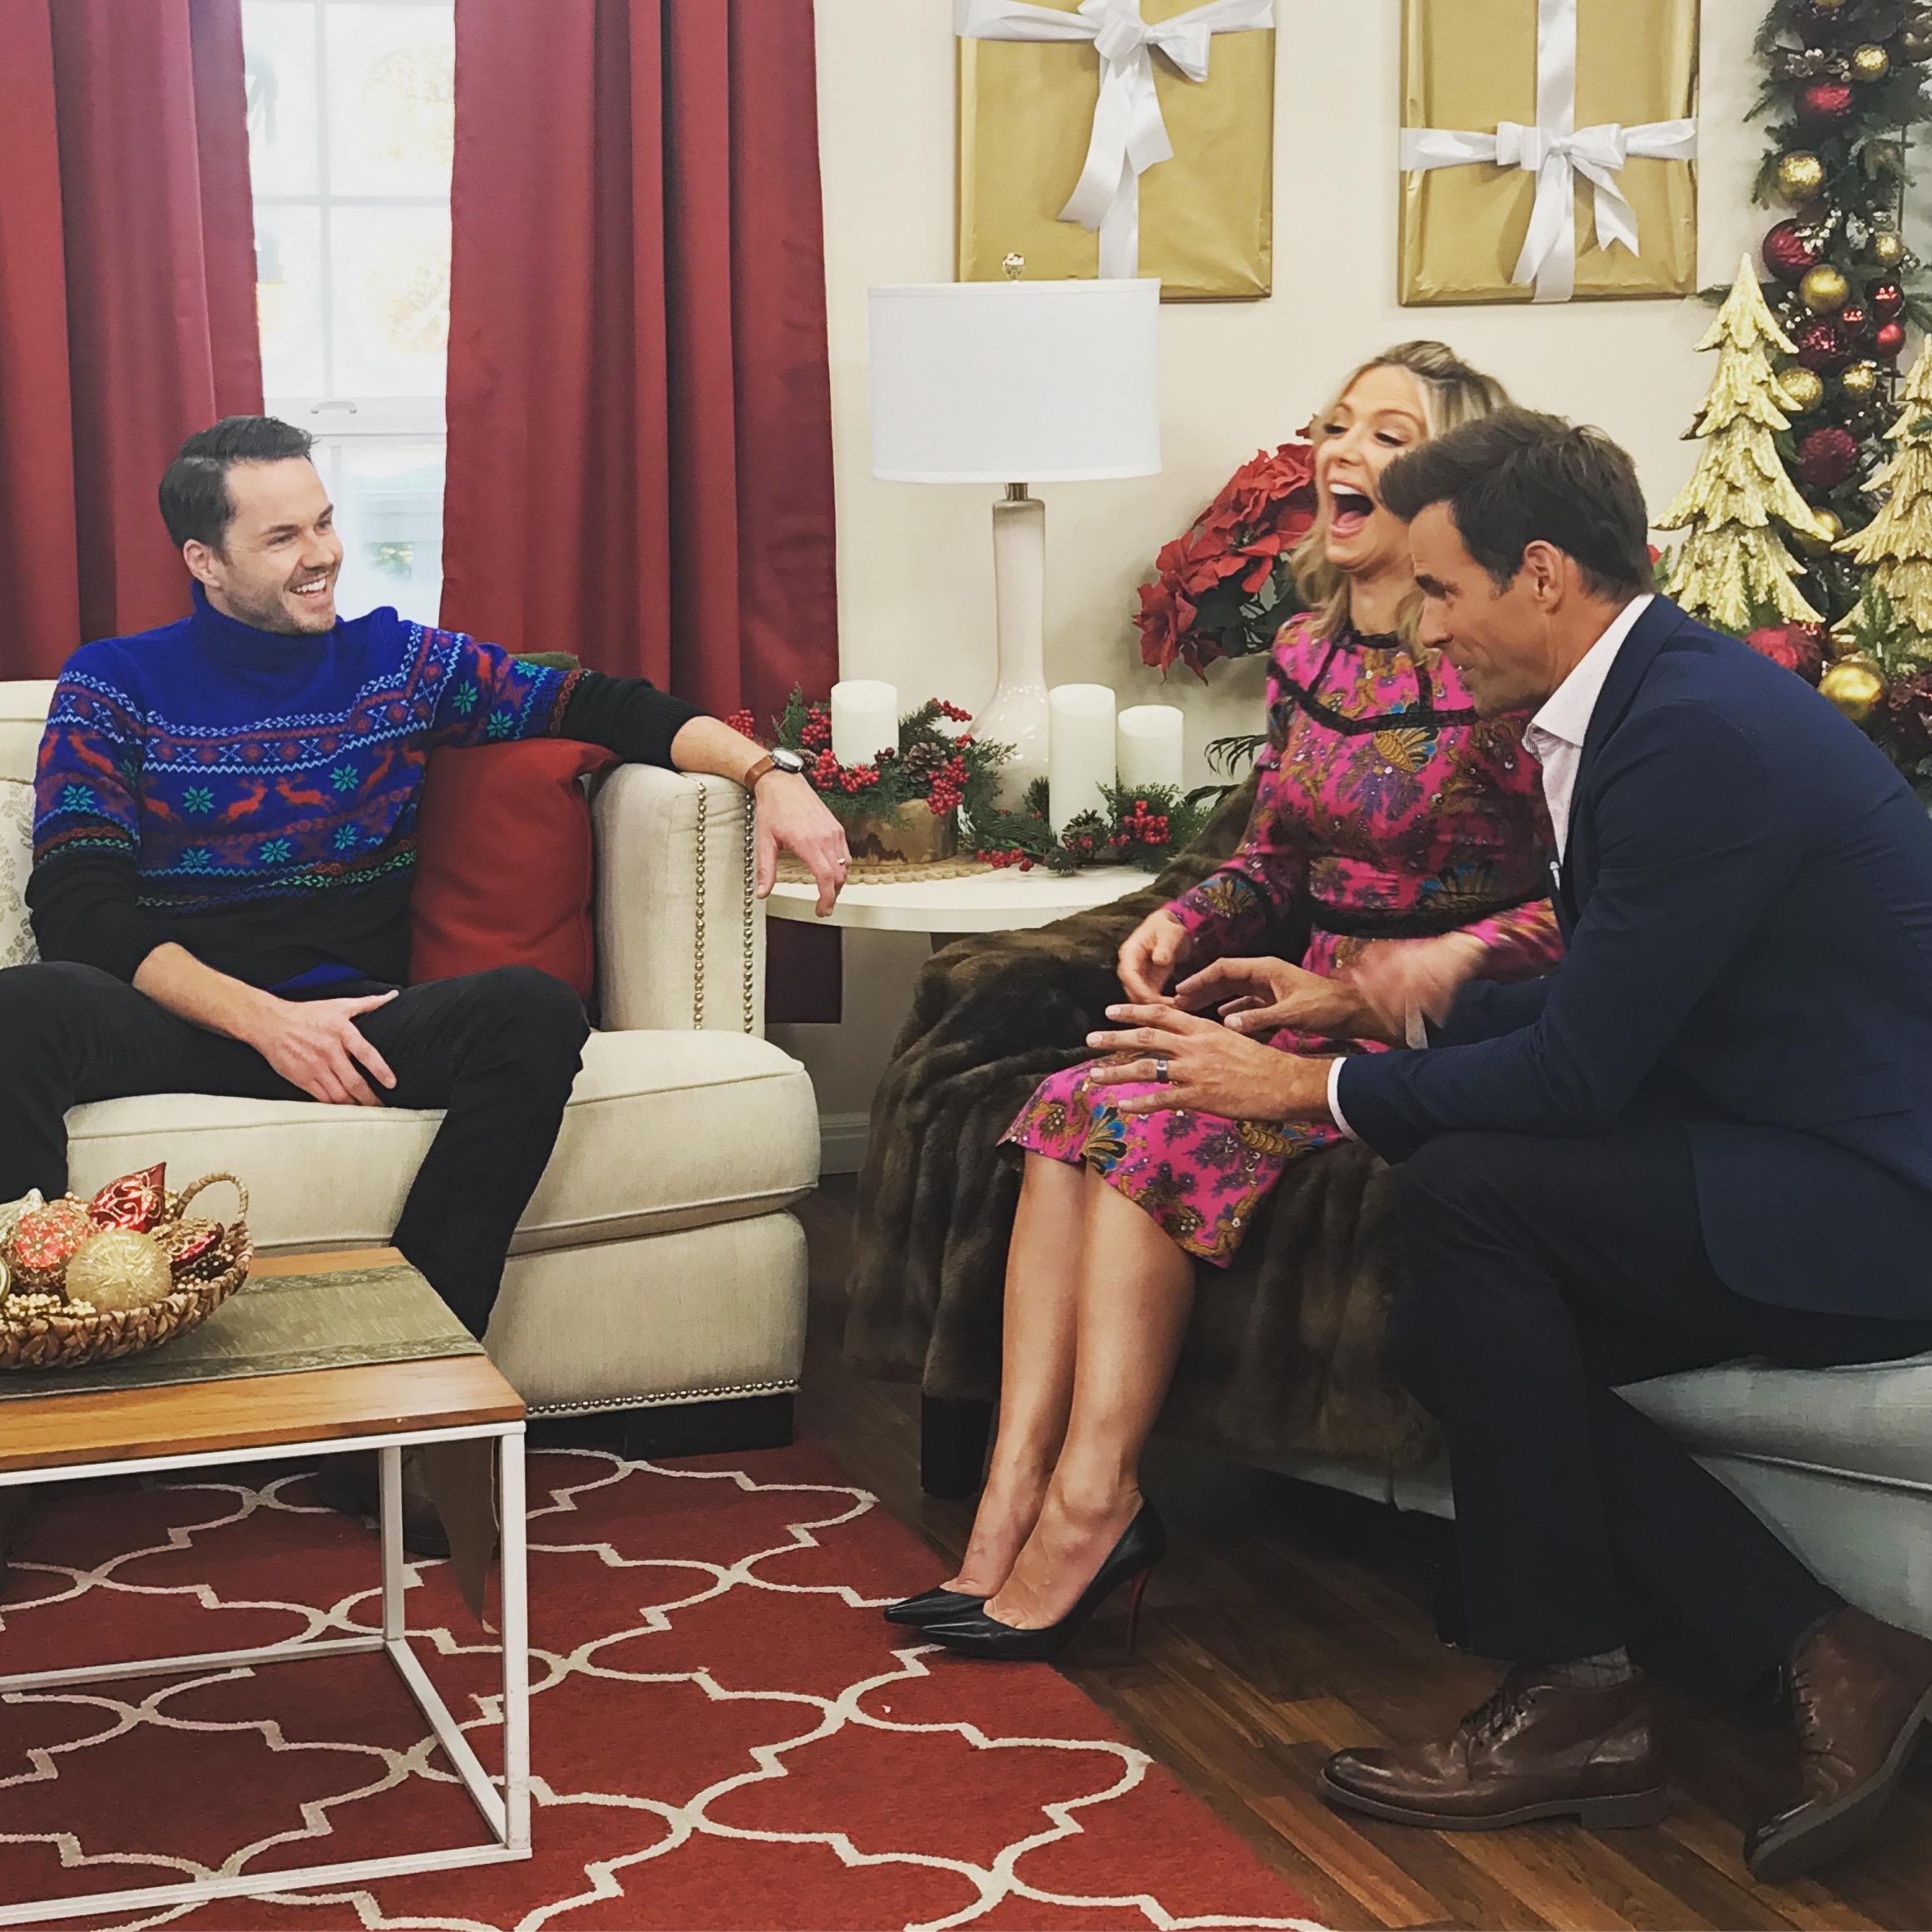 HOME AND FAMILY TV NOV 2018